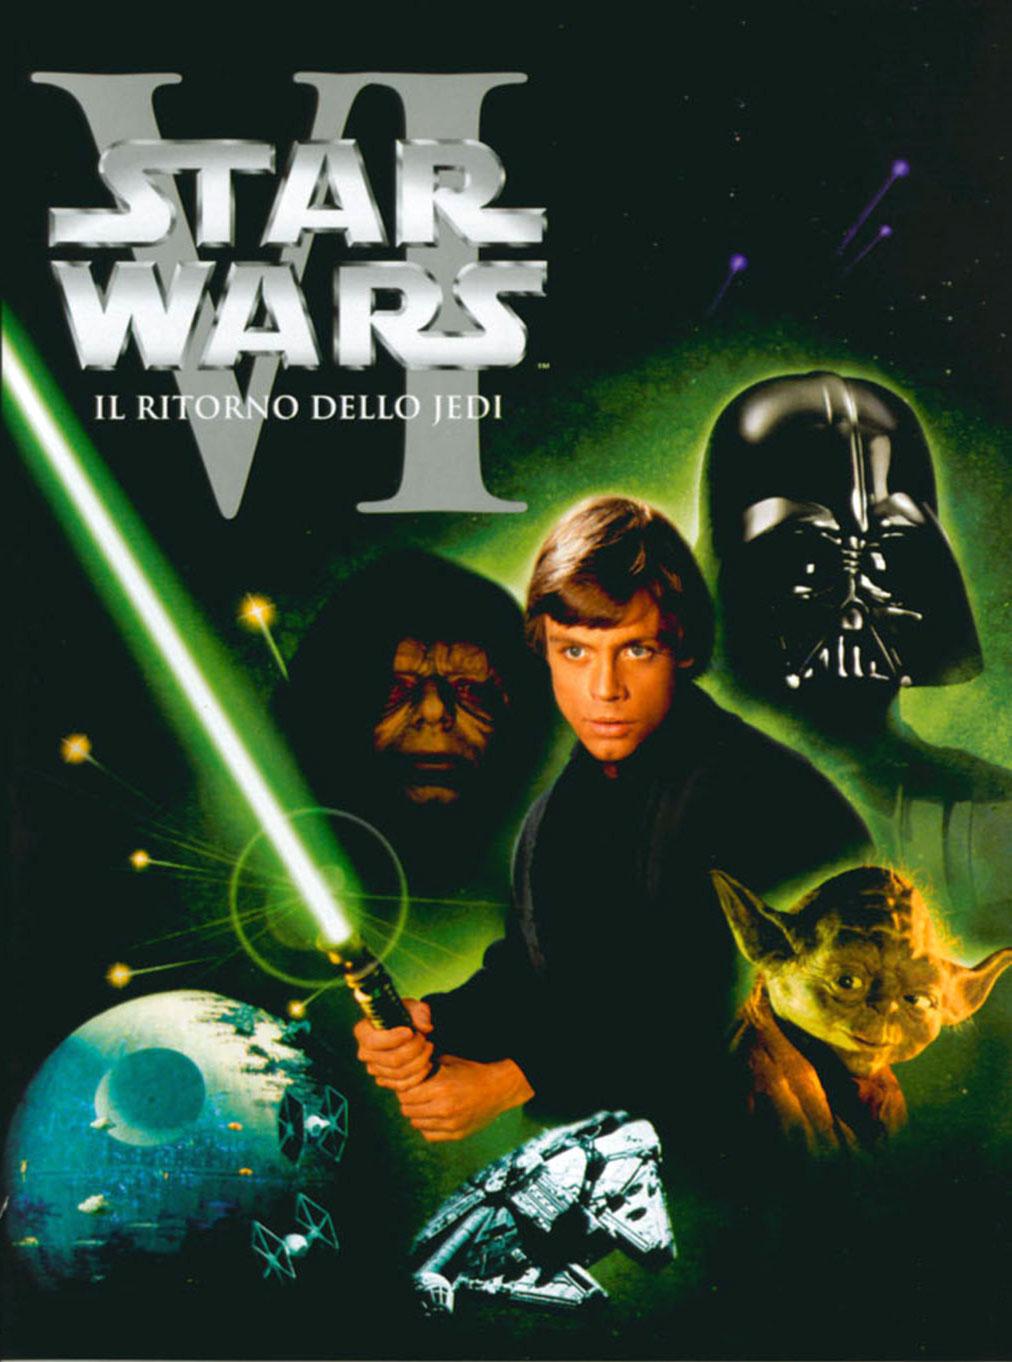 star wars - il ritorno dello jedi